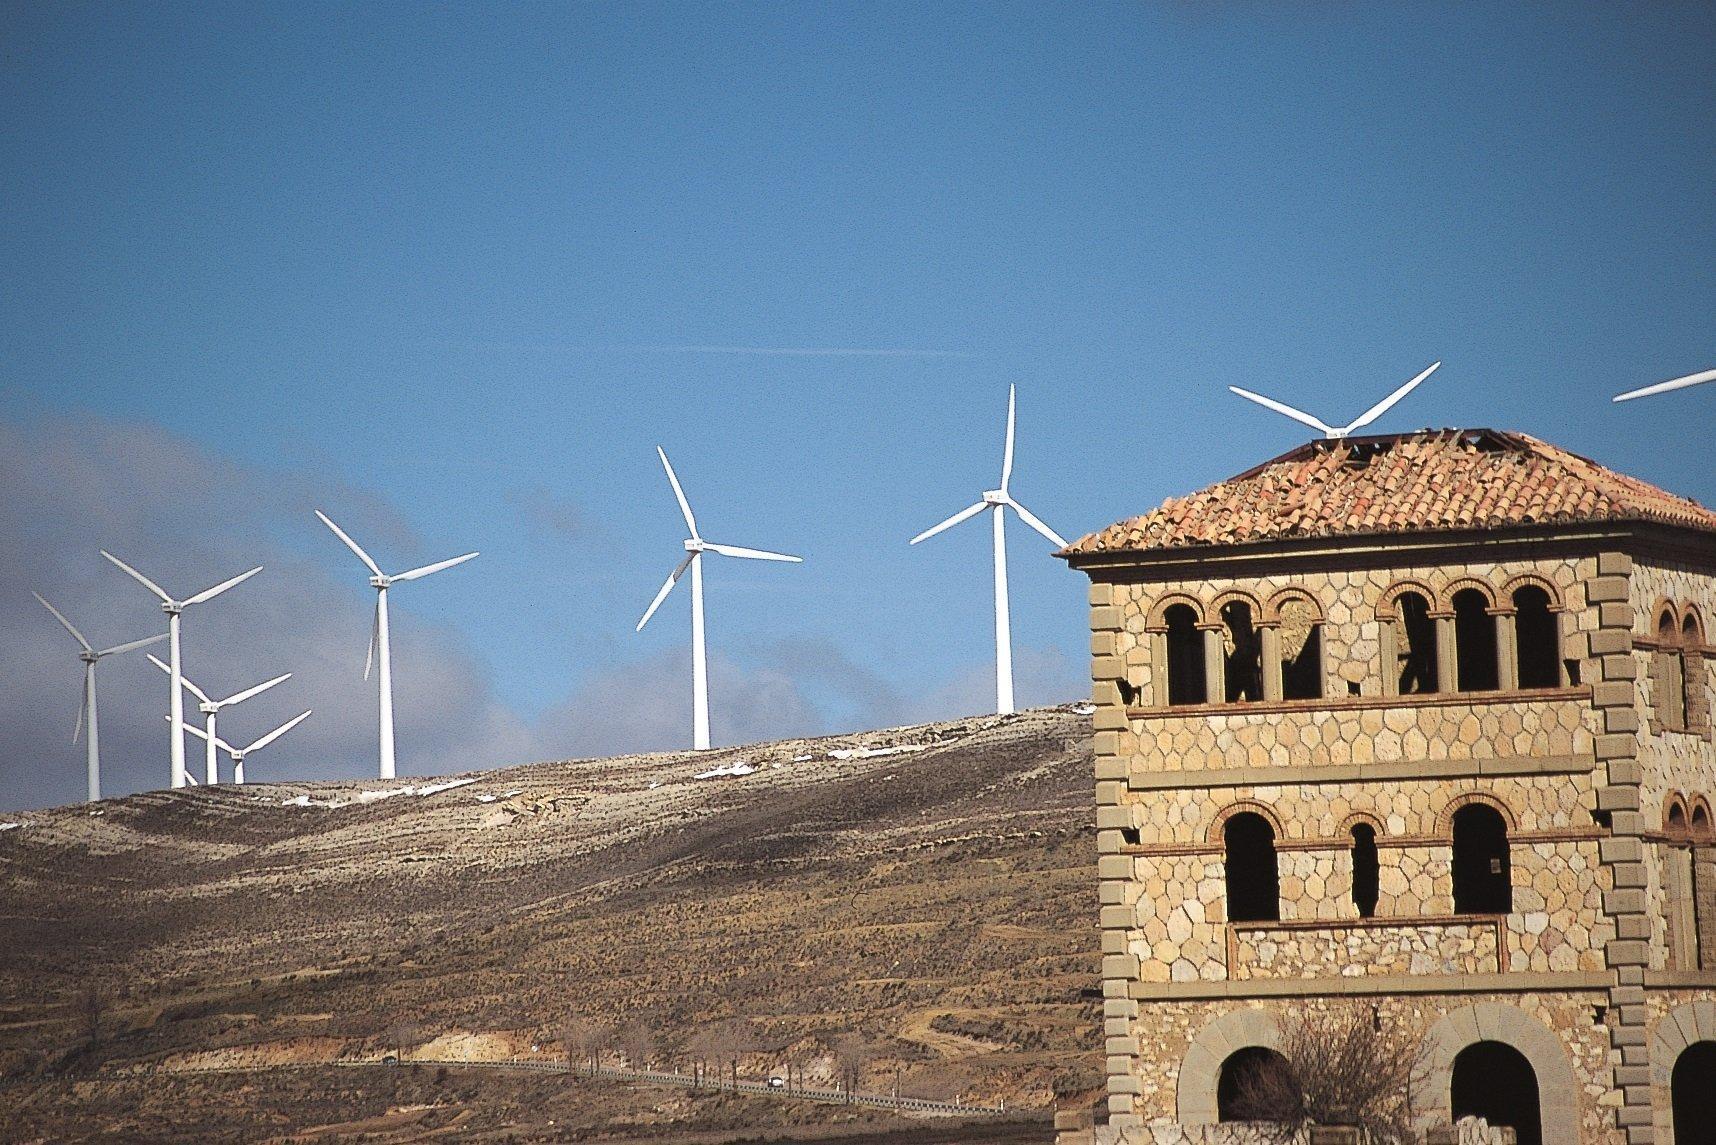 Im Vordergund ein verwaistes Steinhaus, im Hintergrund ein Bergrücken mit Windkraftanlagen.